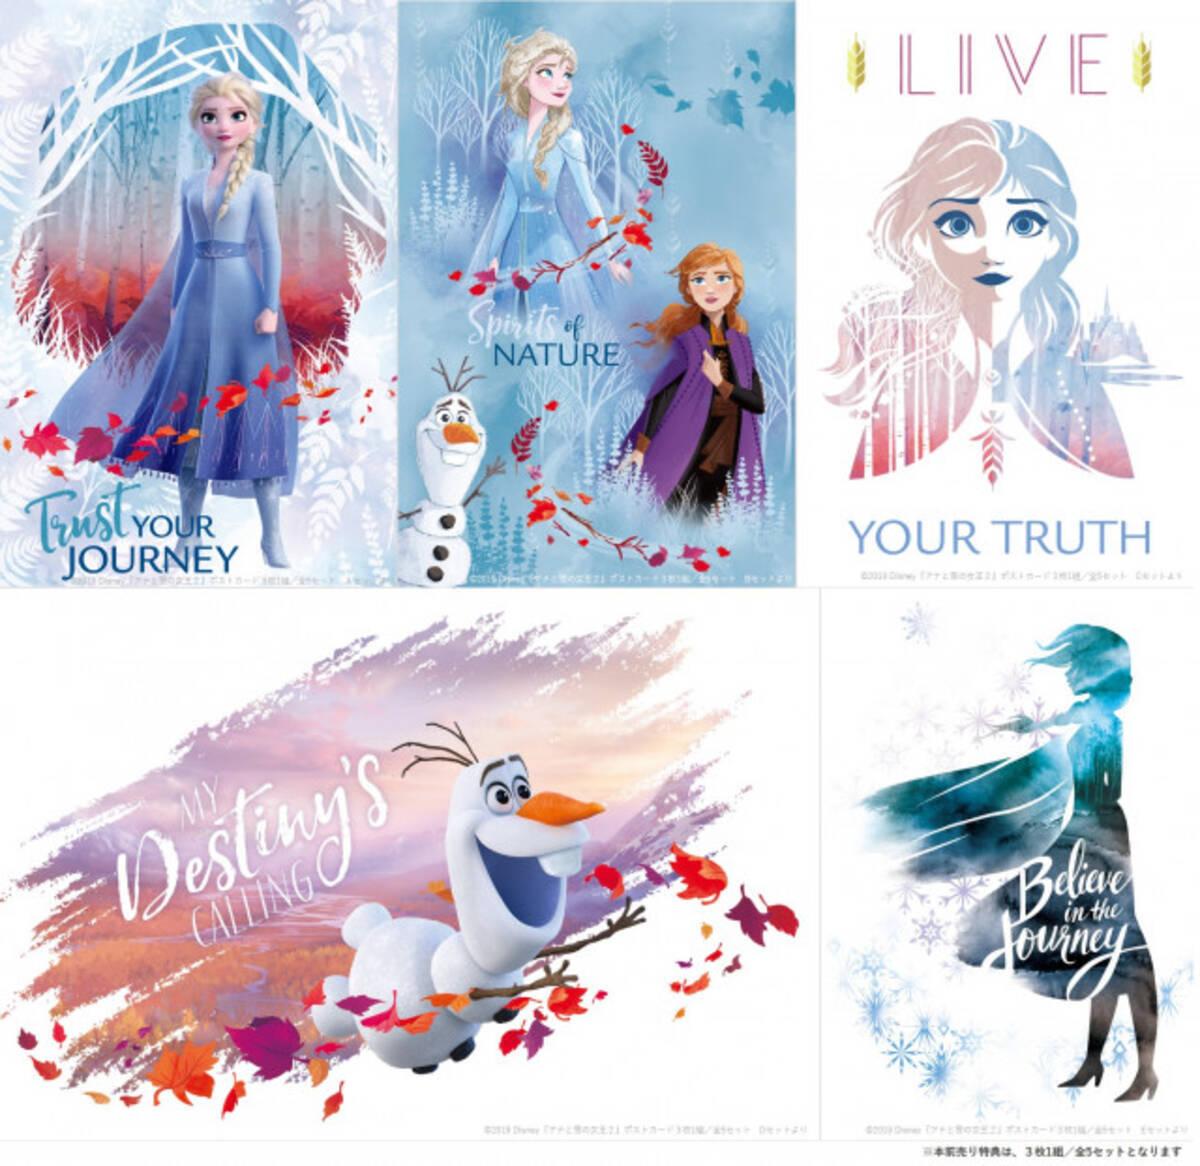 アナ雪2 アナとエルサのポストカードが可愛い 特製ポスカ付き前売り10 4発売決定 19年9月26日 エキサイトニュース